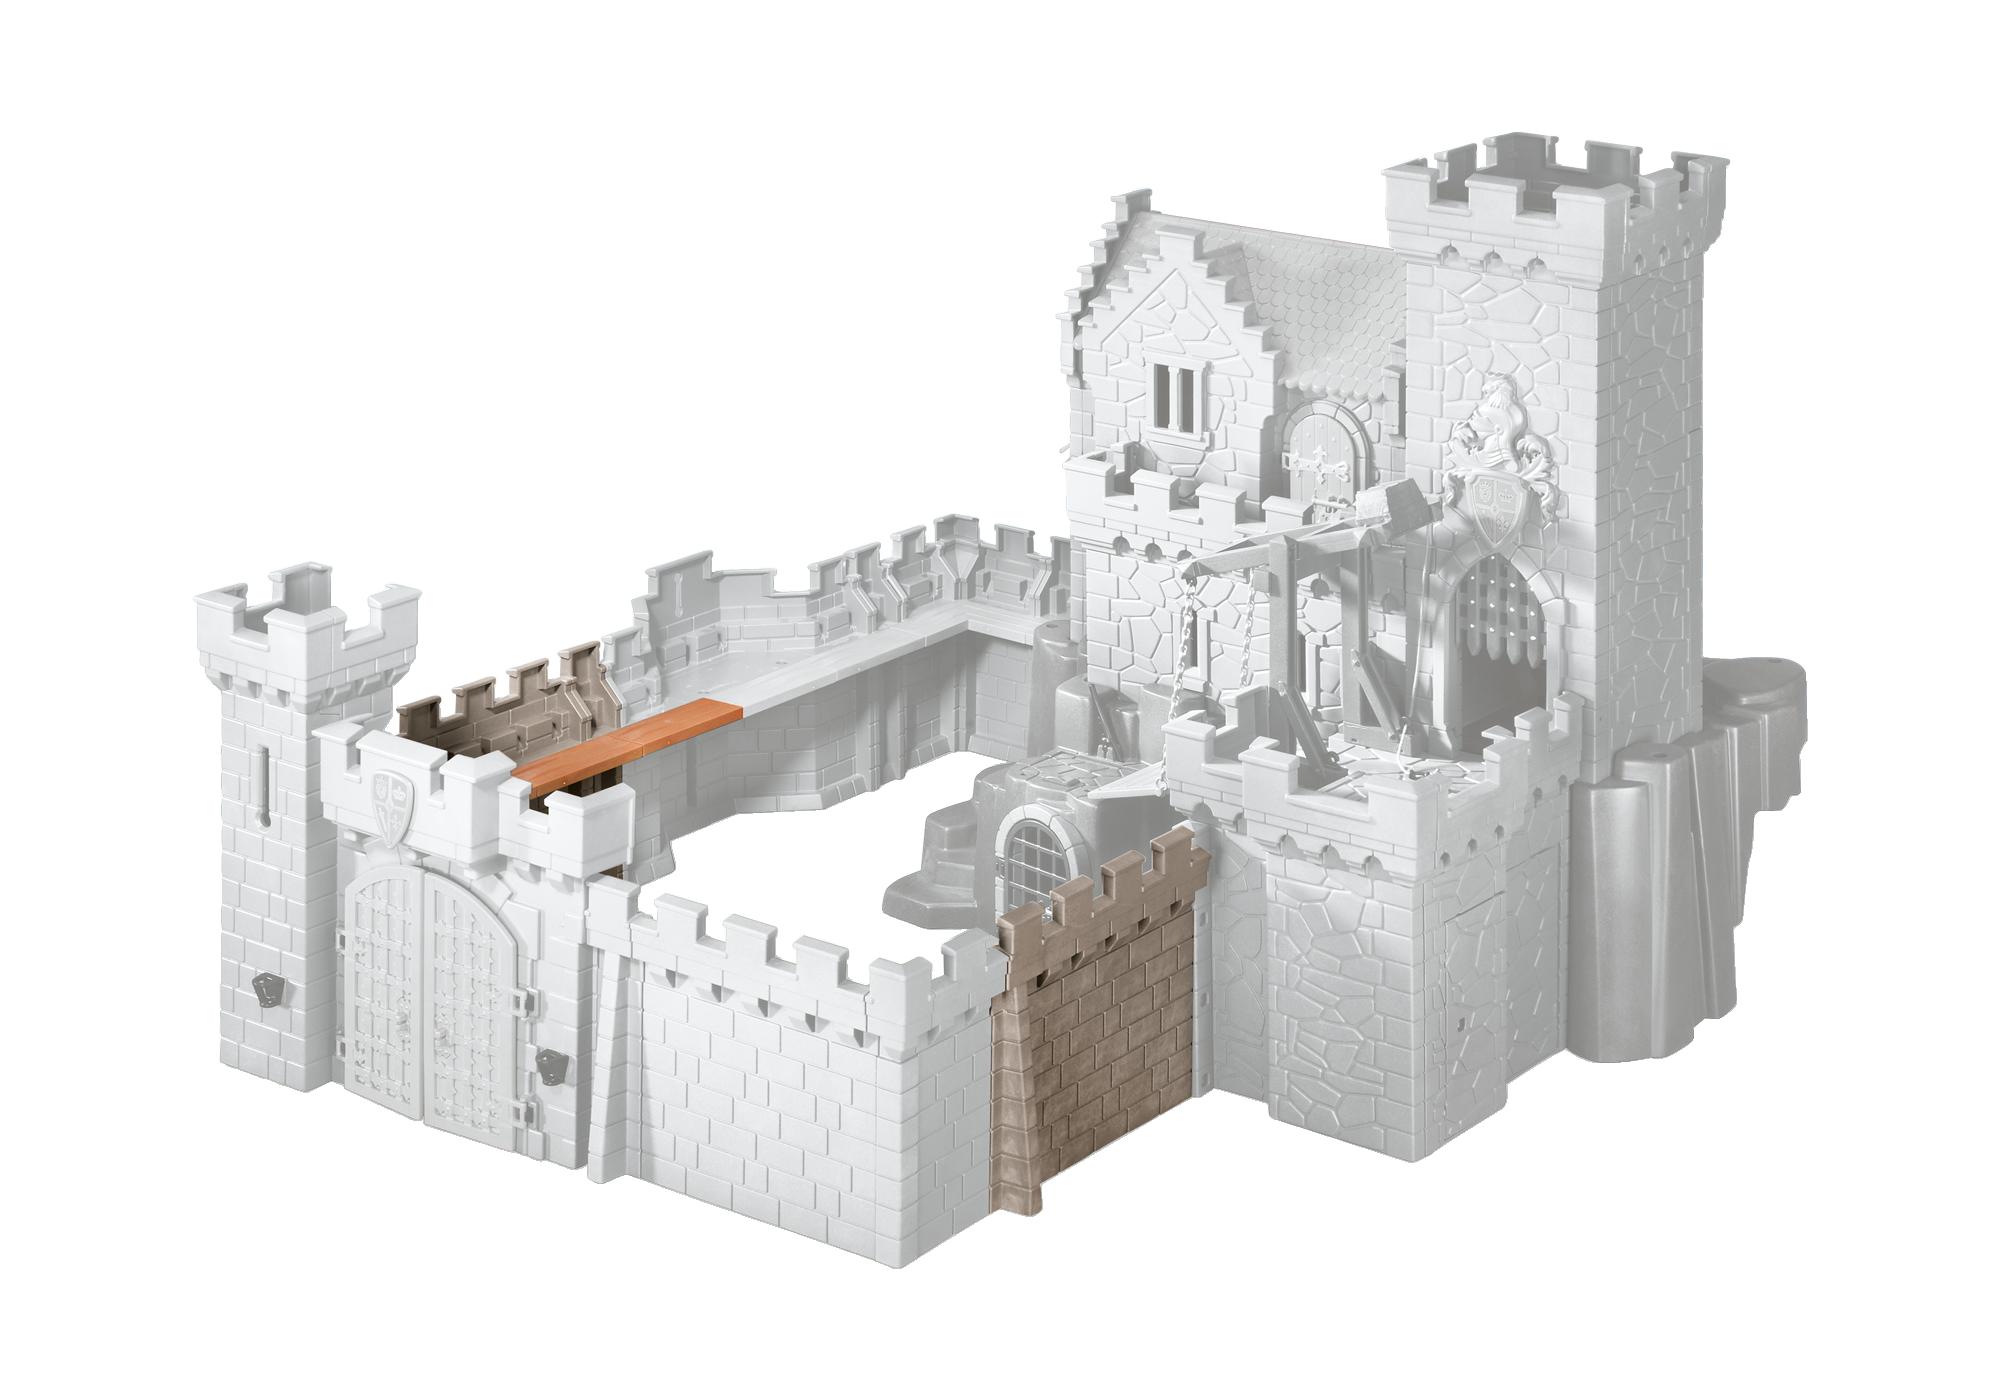 http://media.playmobil.com/i/playmobil/6371_product_detail/Extensão de parede para o Castelo dos Cavaleiros do Leão Real e o Castelo dos Cavaleiros do Falcão